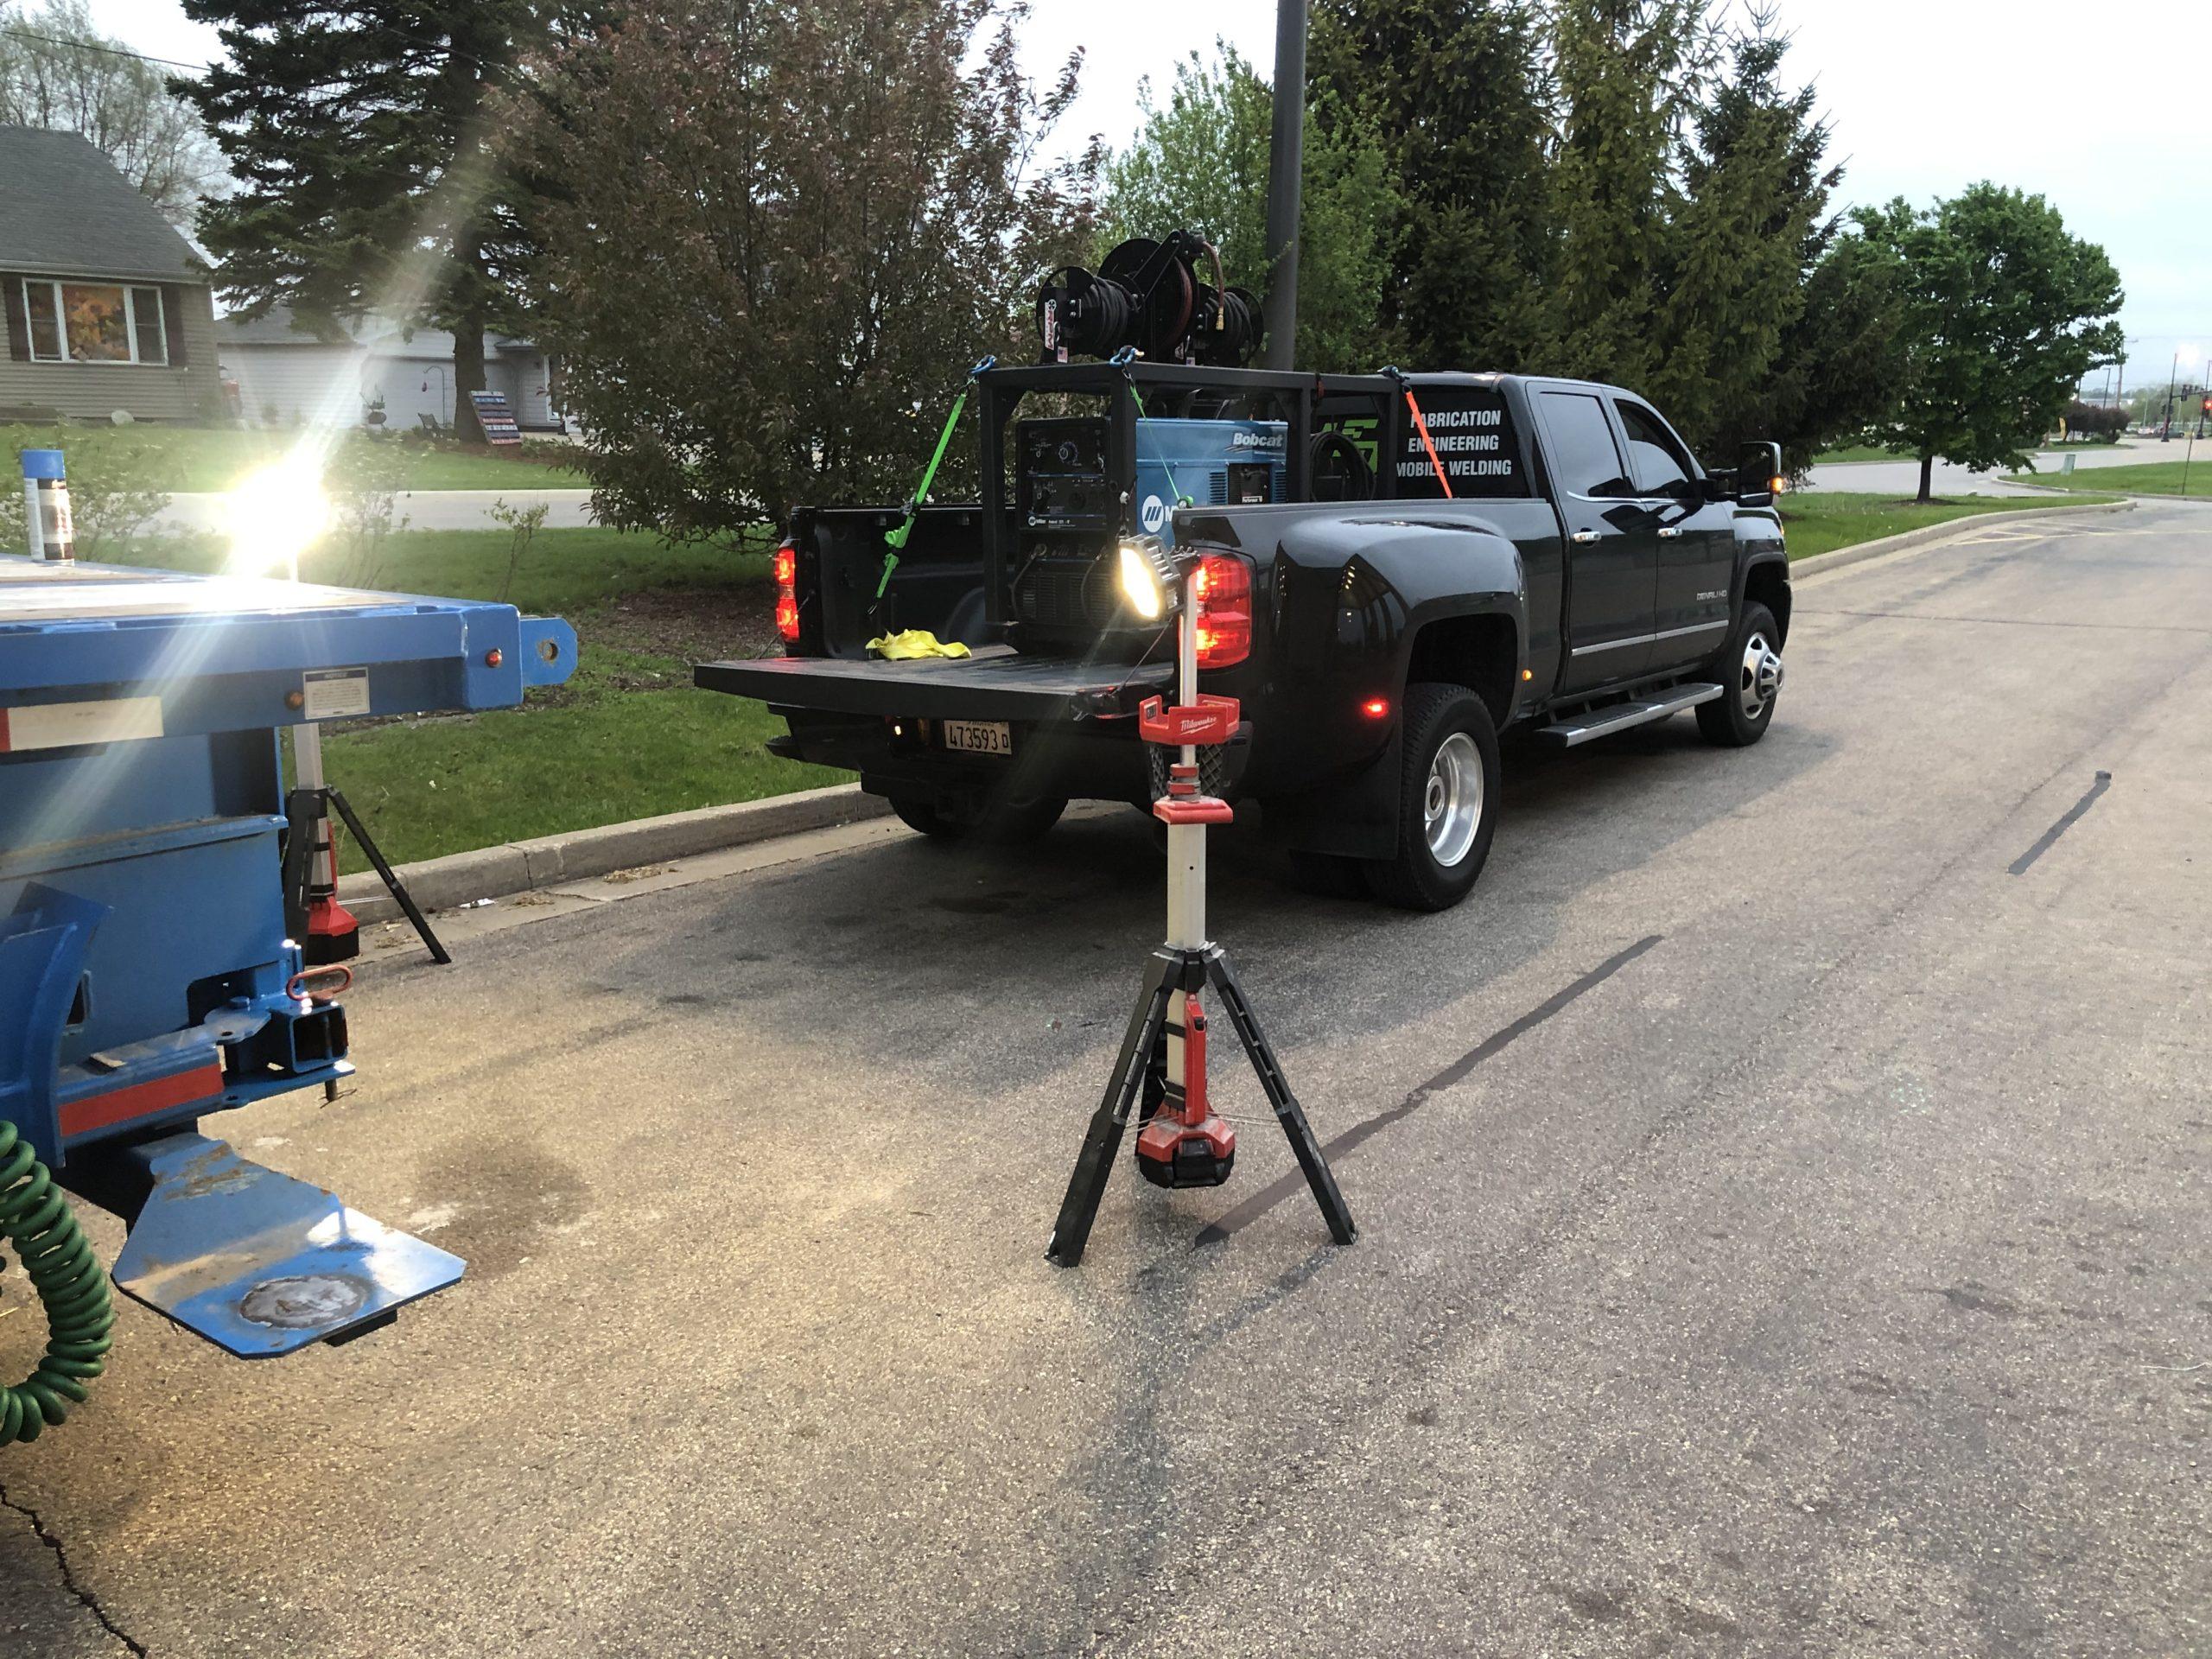 Lowe's Semi Mobile Weld Repair